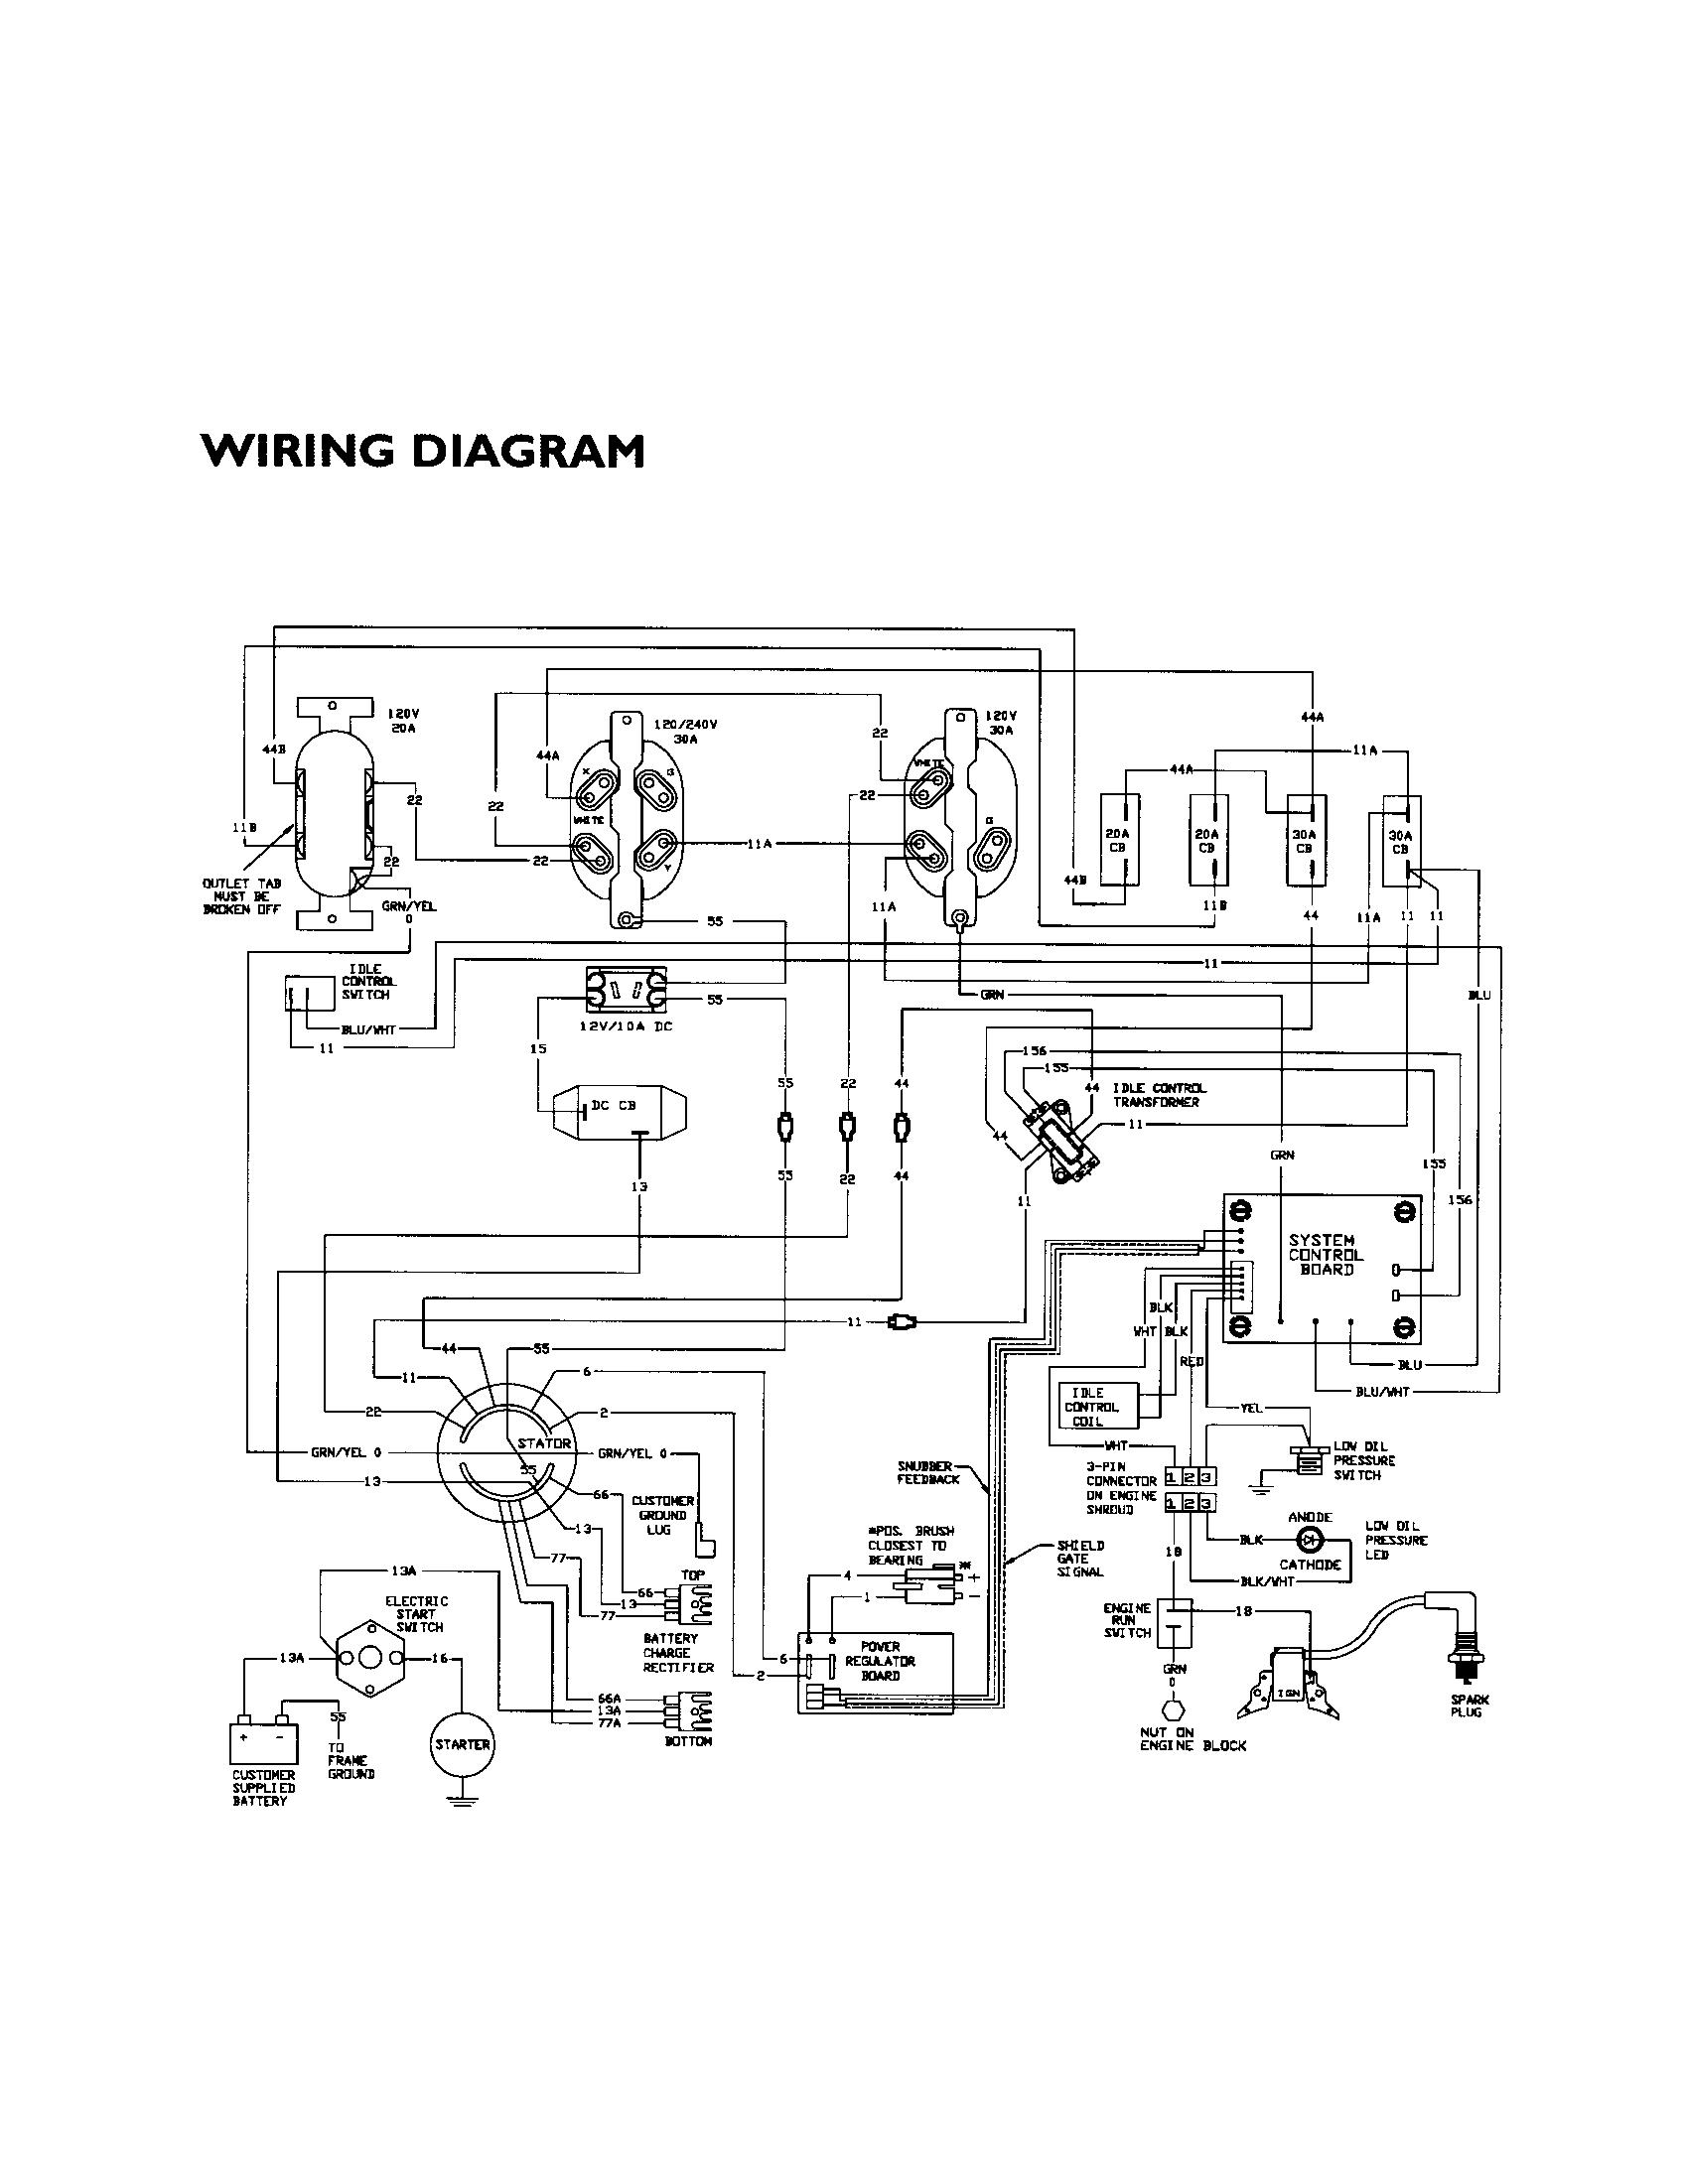 Onan 4000 Generator Wiring Diagram. Onan Cck Electronic